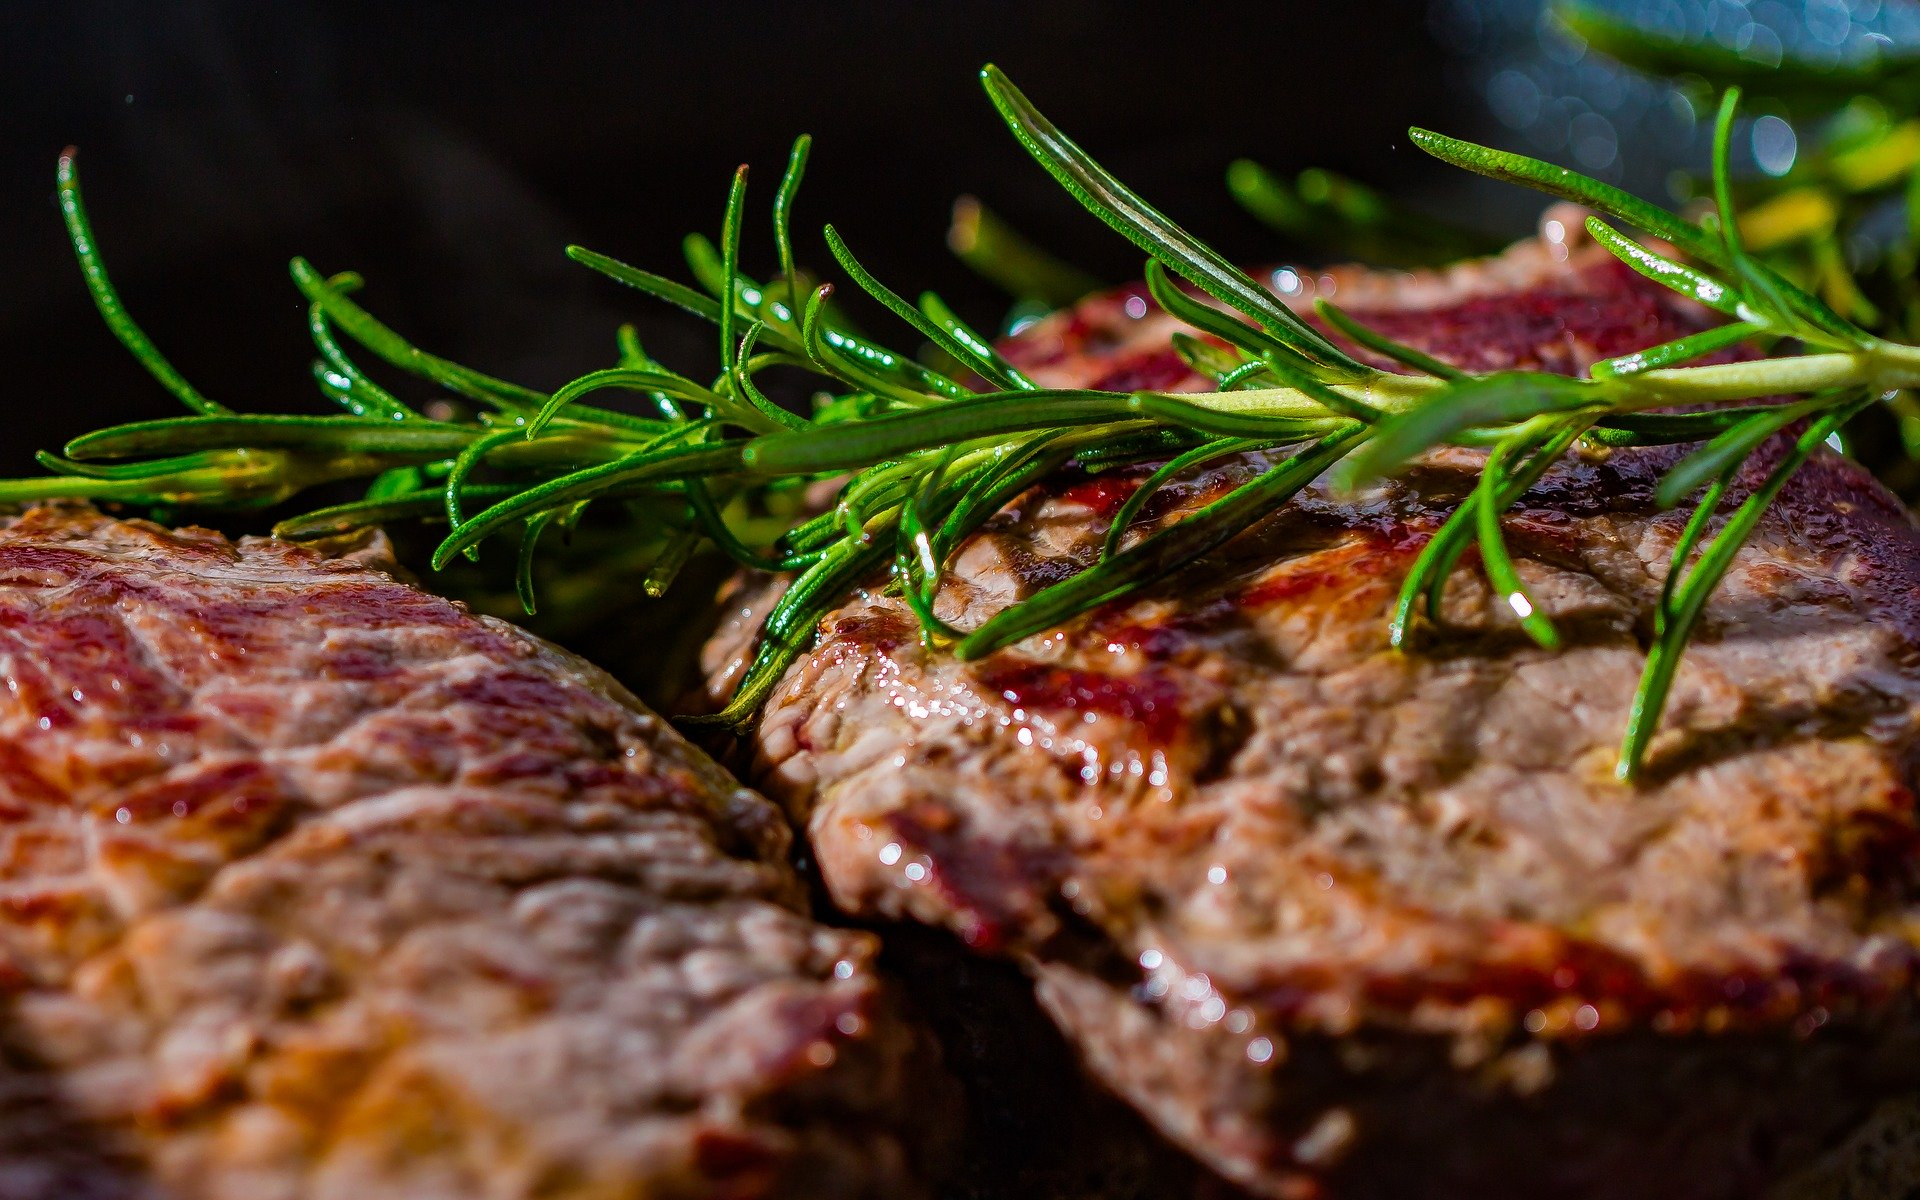 طريقة تحضير ستيك لحم ب 4 وصفات مختلفة